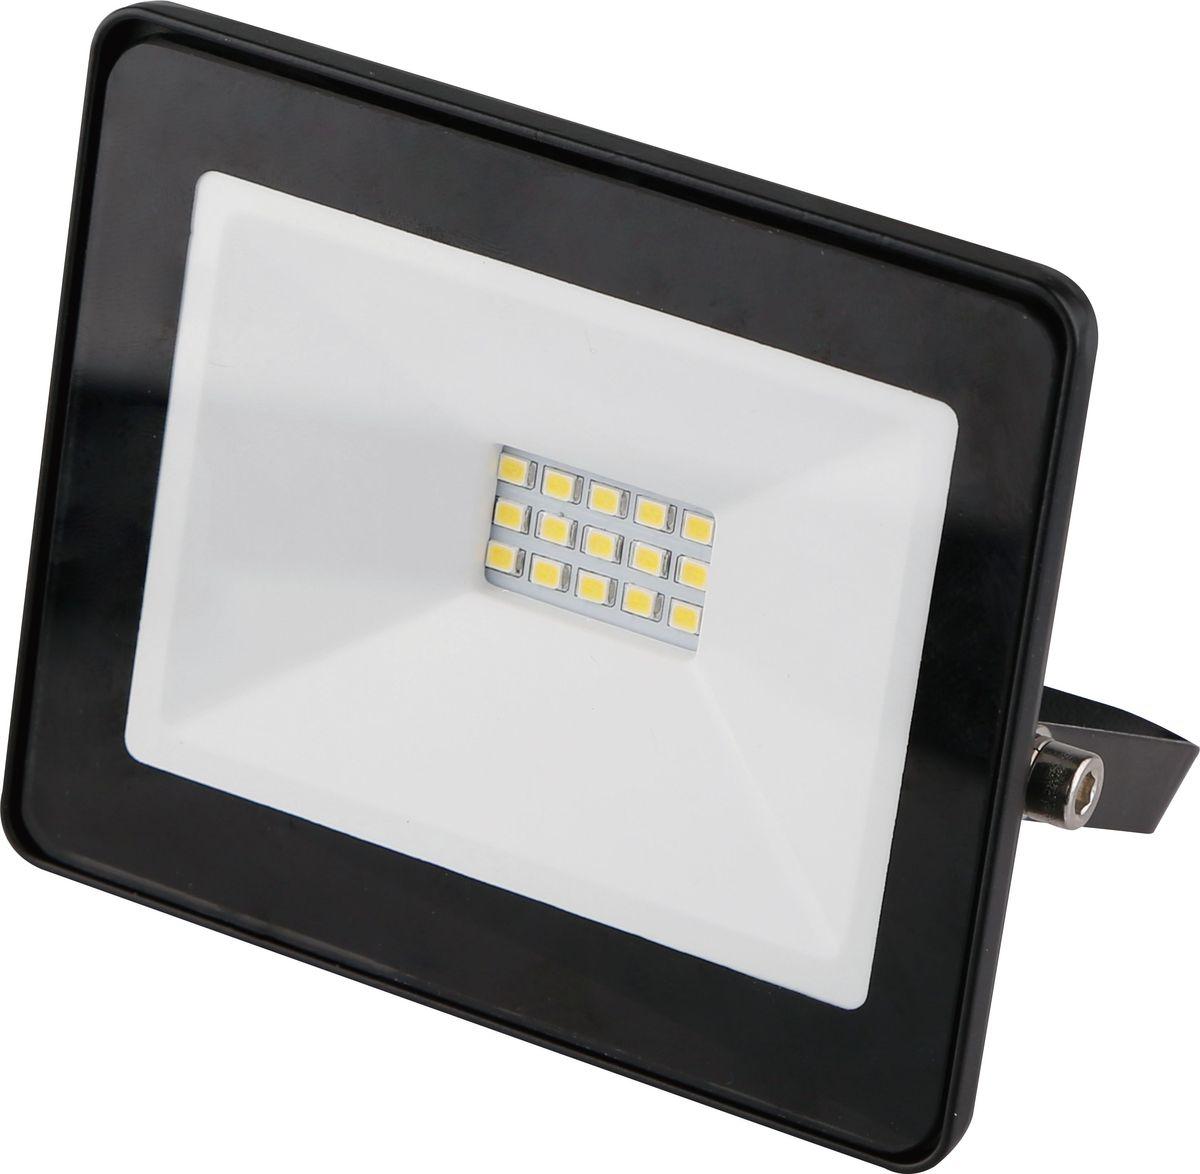 Прожектор светодиодный REV Ultra Slim, 10 W, 6500 К. 32300 632300 6Светодиодный супертонкий прожектор. Предназначен для освещения большого пространства или подсветки объектов и сооружений различного назначения. Корпус прожектора выполнен из металла. В качестве рассеивателя используется ударопрочное прозрачной стекло. Светоотражатель - алюминиевая фольга. Конструкция и применяемые при изготовлении материалы обеспечивают высокую механическую прочность и защиту от пыли и влаги по классу IP65.Потребляемая мощность 10Вт. Эффективность >80Лм/Вт. Прожектор крепится к монтажной поверхности стальной опорной скобой, которая обеспечивает простой монтаж и степень свободы при направлении корпуса изделия.